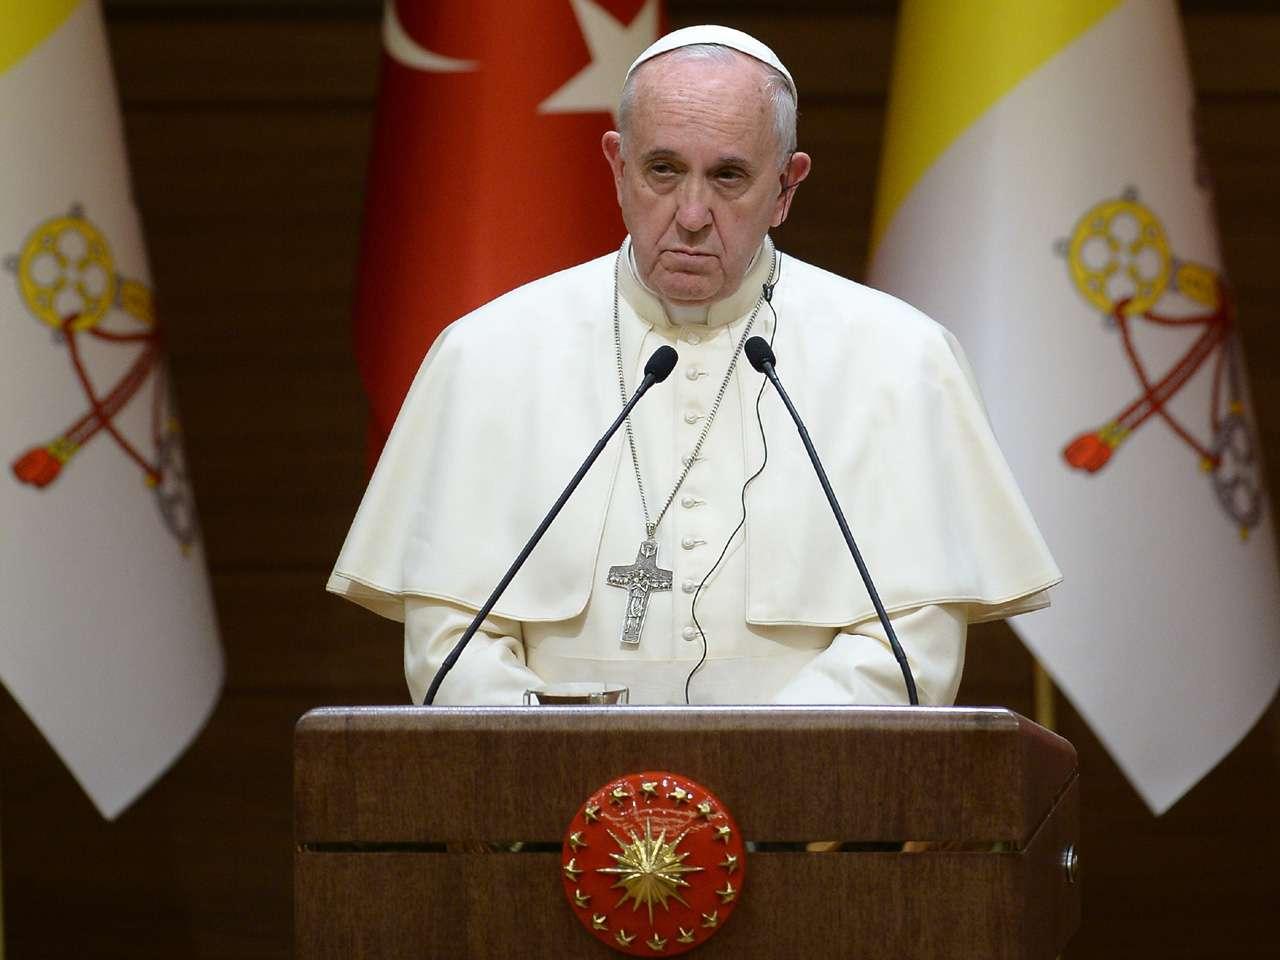 La visita de tres días dará al Pontífice la posibilidad de encontrarse con la pequeña comunidad cristiana del país. Menos de un 1 por ciento de la población turca es católica Foto: AFP en español